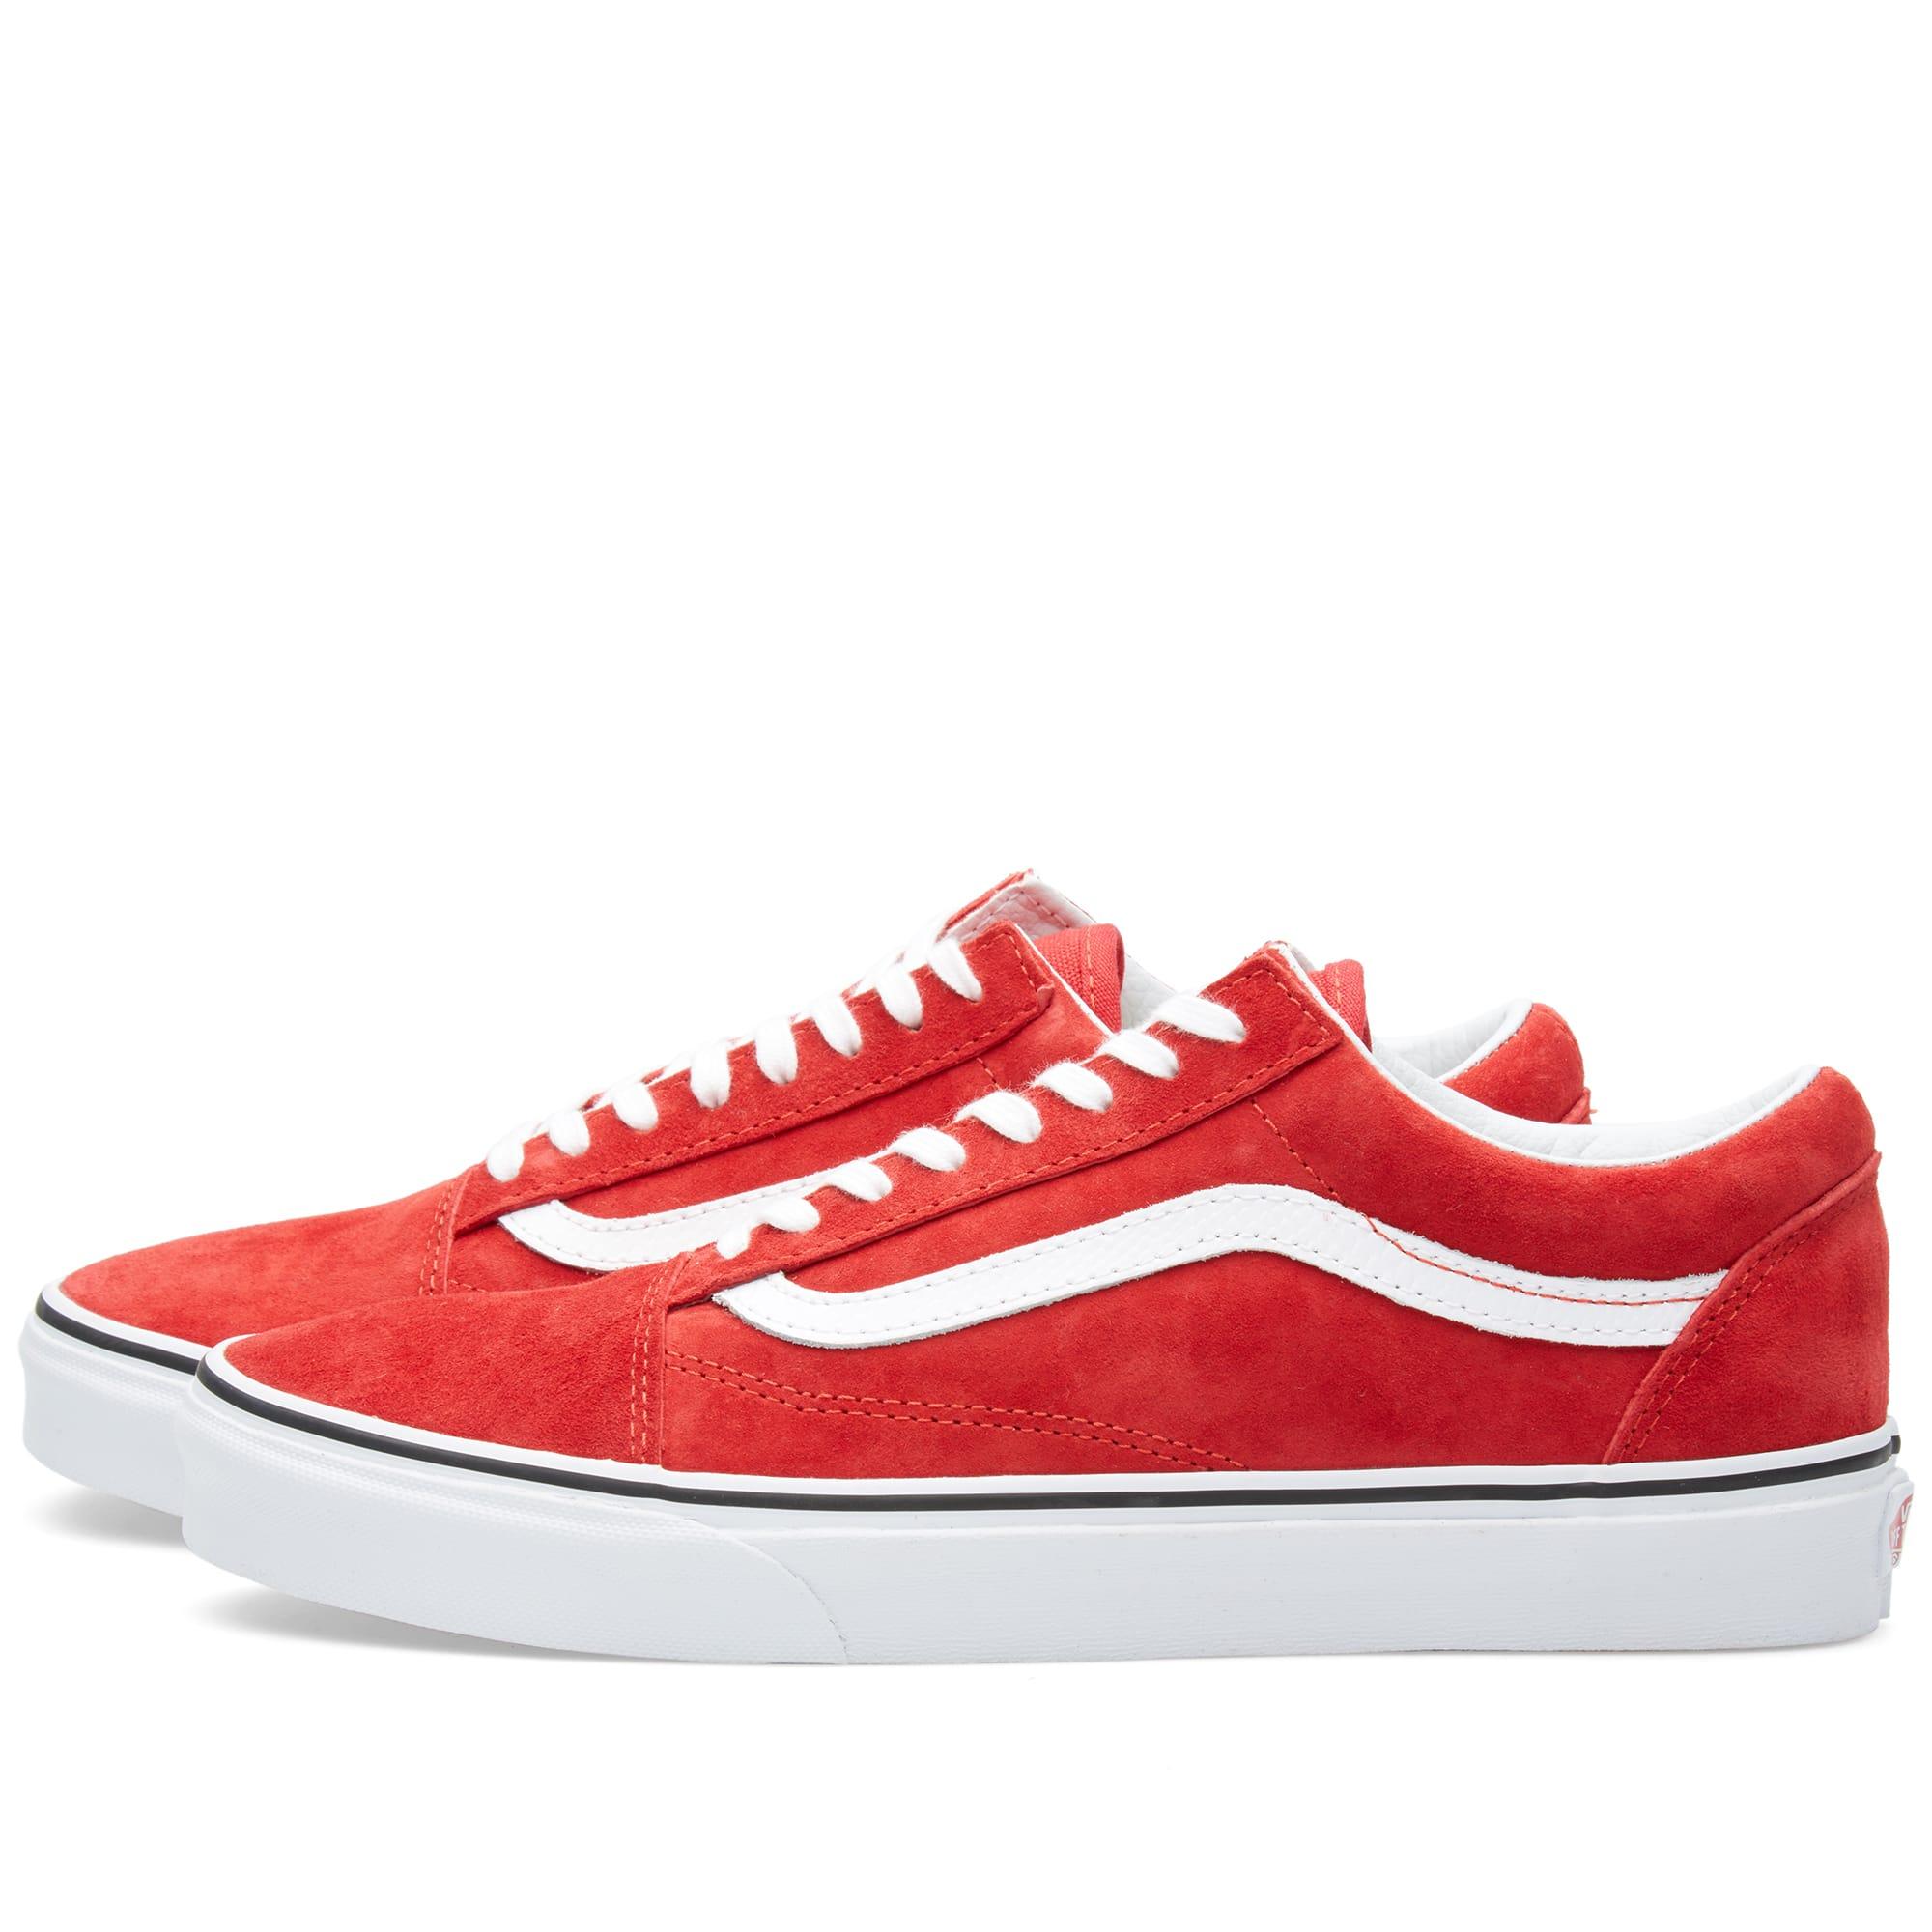 1ffb8f674c1f Vans Old Skool Racing Red   Snake